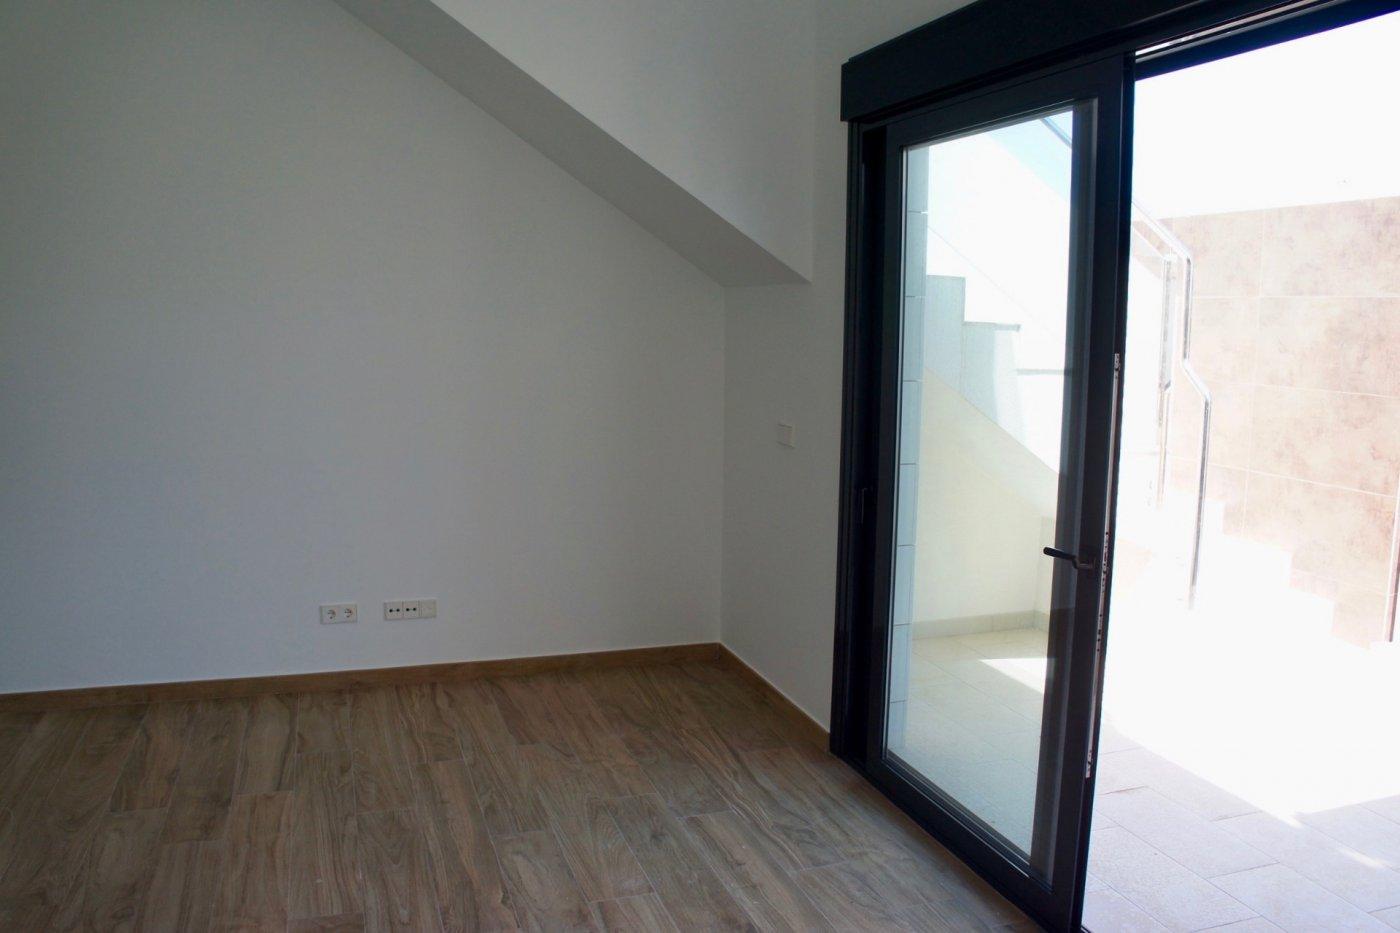 Imagen de la galería 6 of Nuevo apartamento listo en la planta superior de 2 dormitorios a solo 2 minutos a pie de las playas,